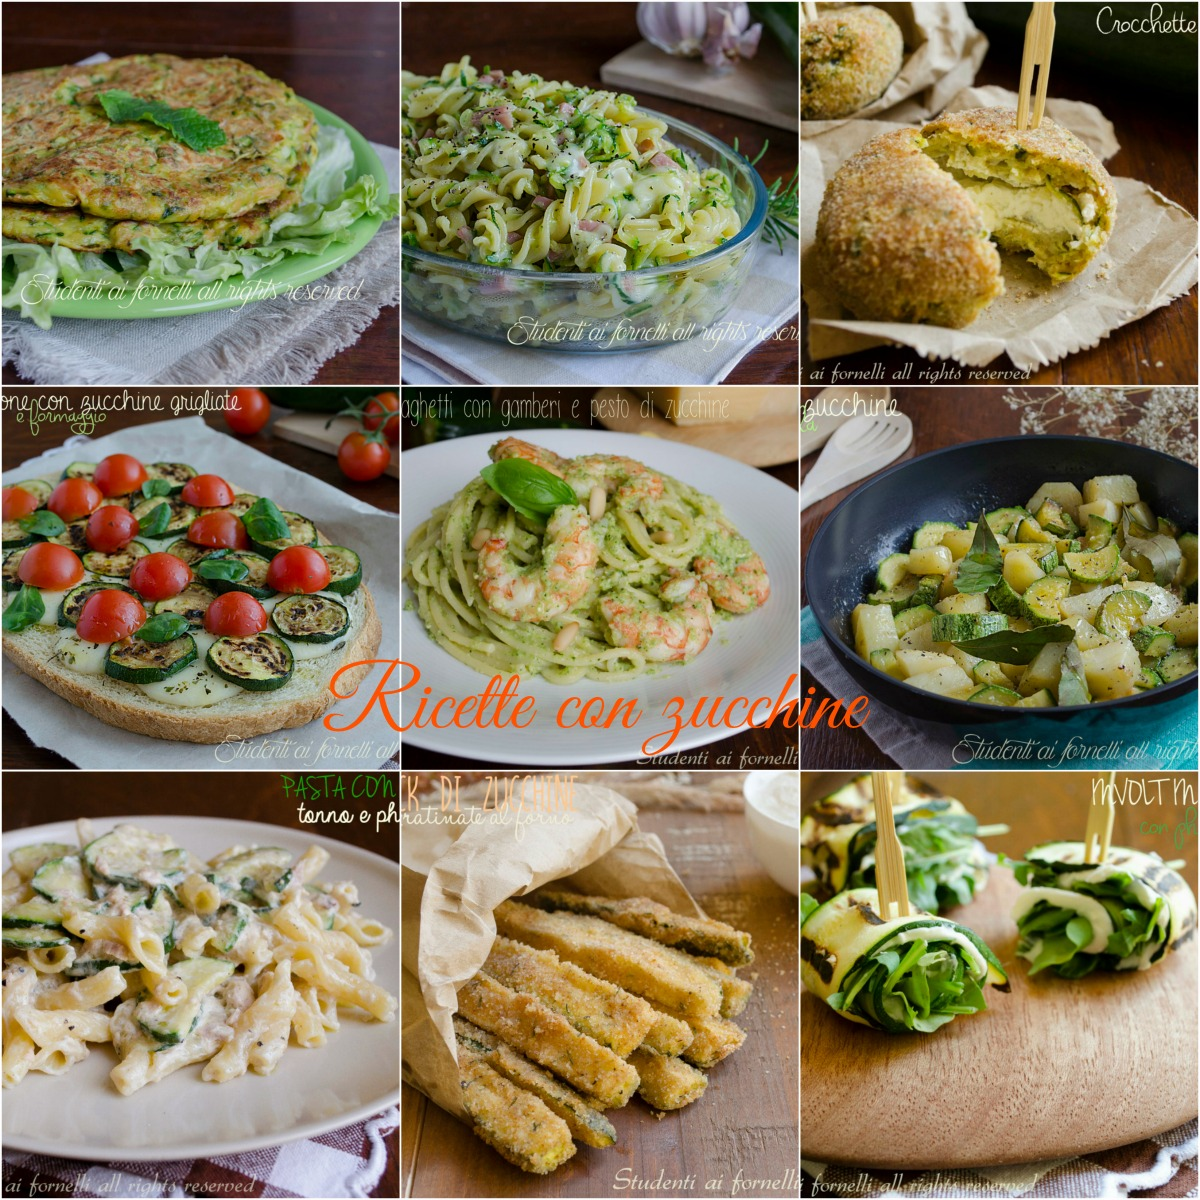 Raccolta di ricette con le zucchine ricette facili e veloci for Ricette semplici cucina